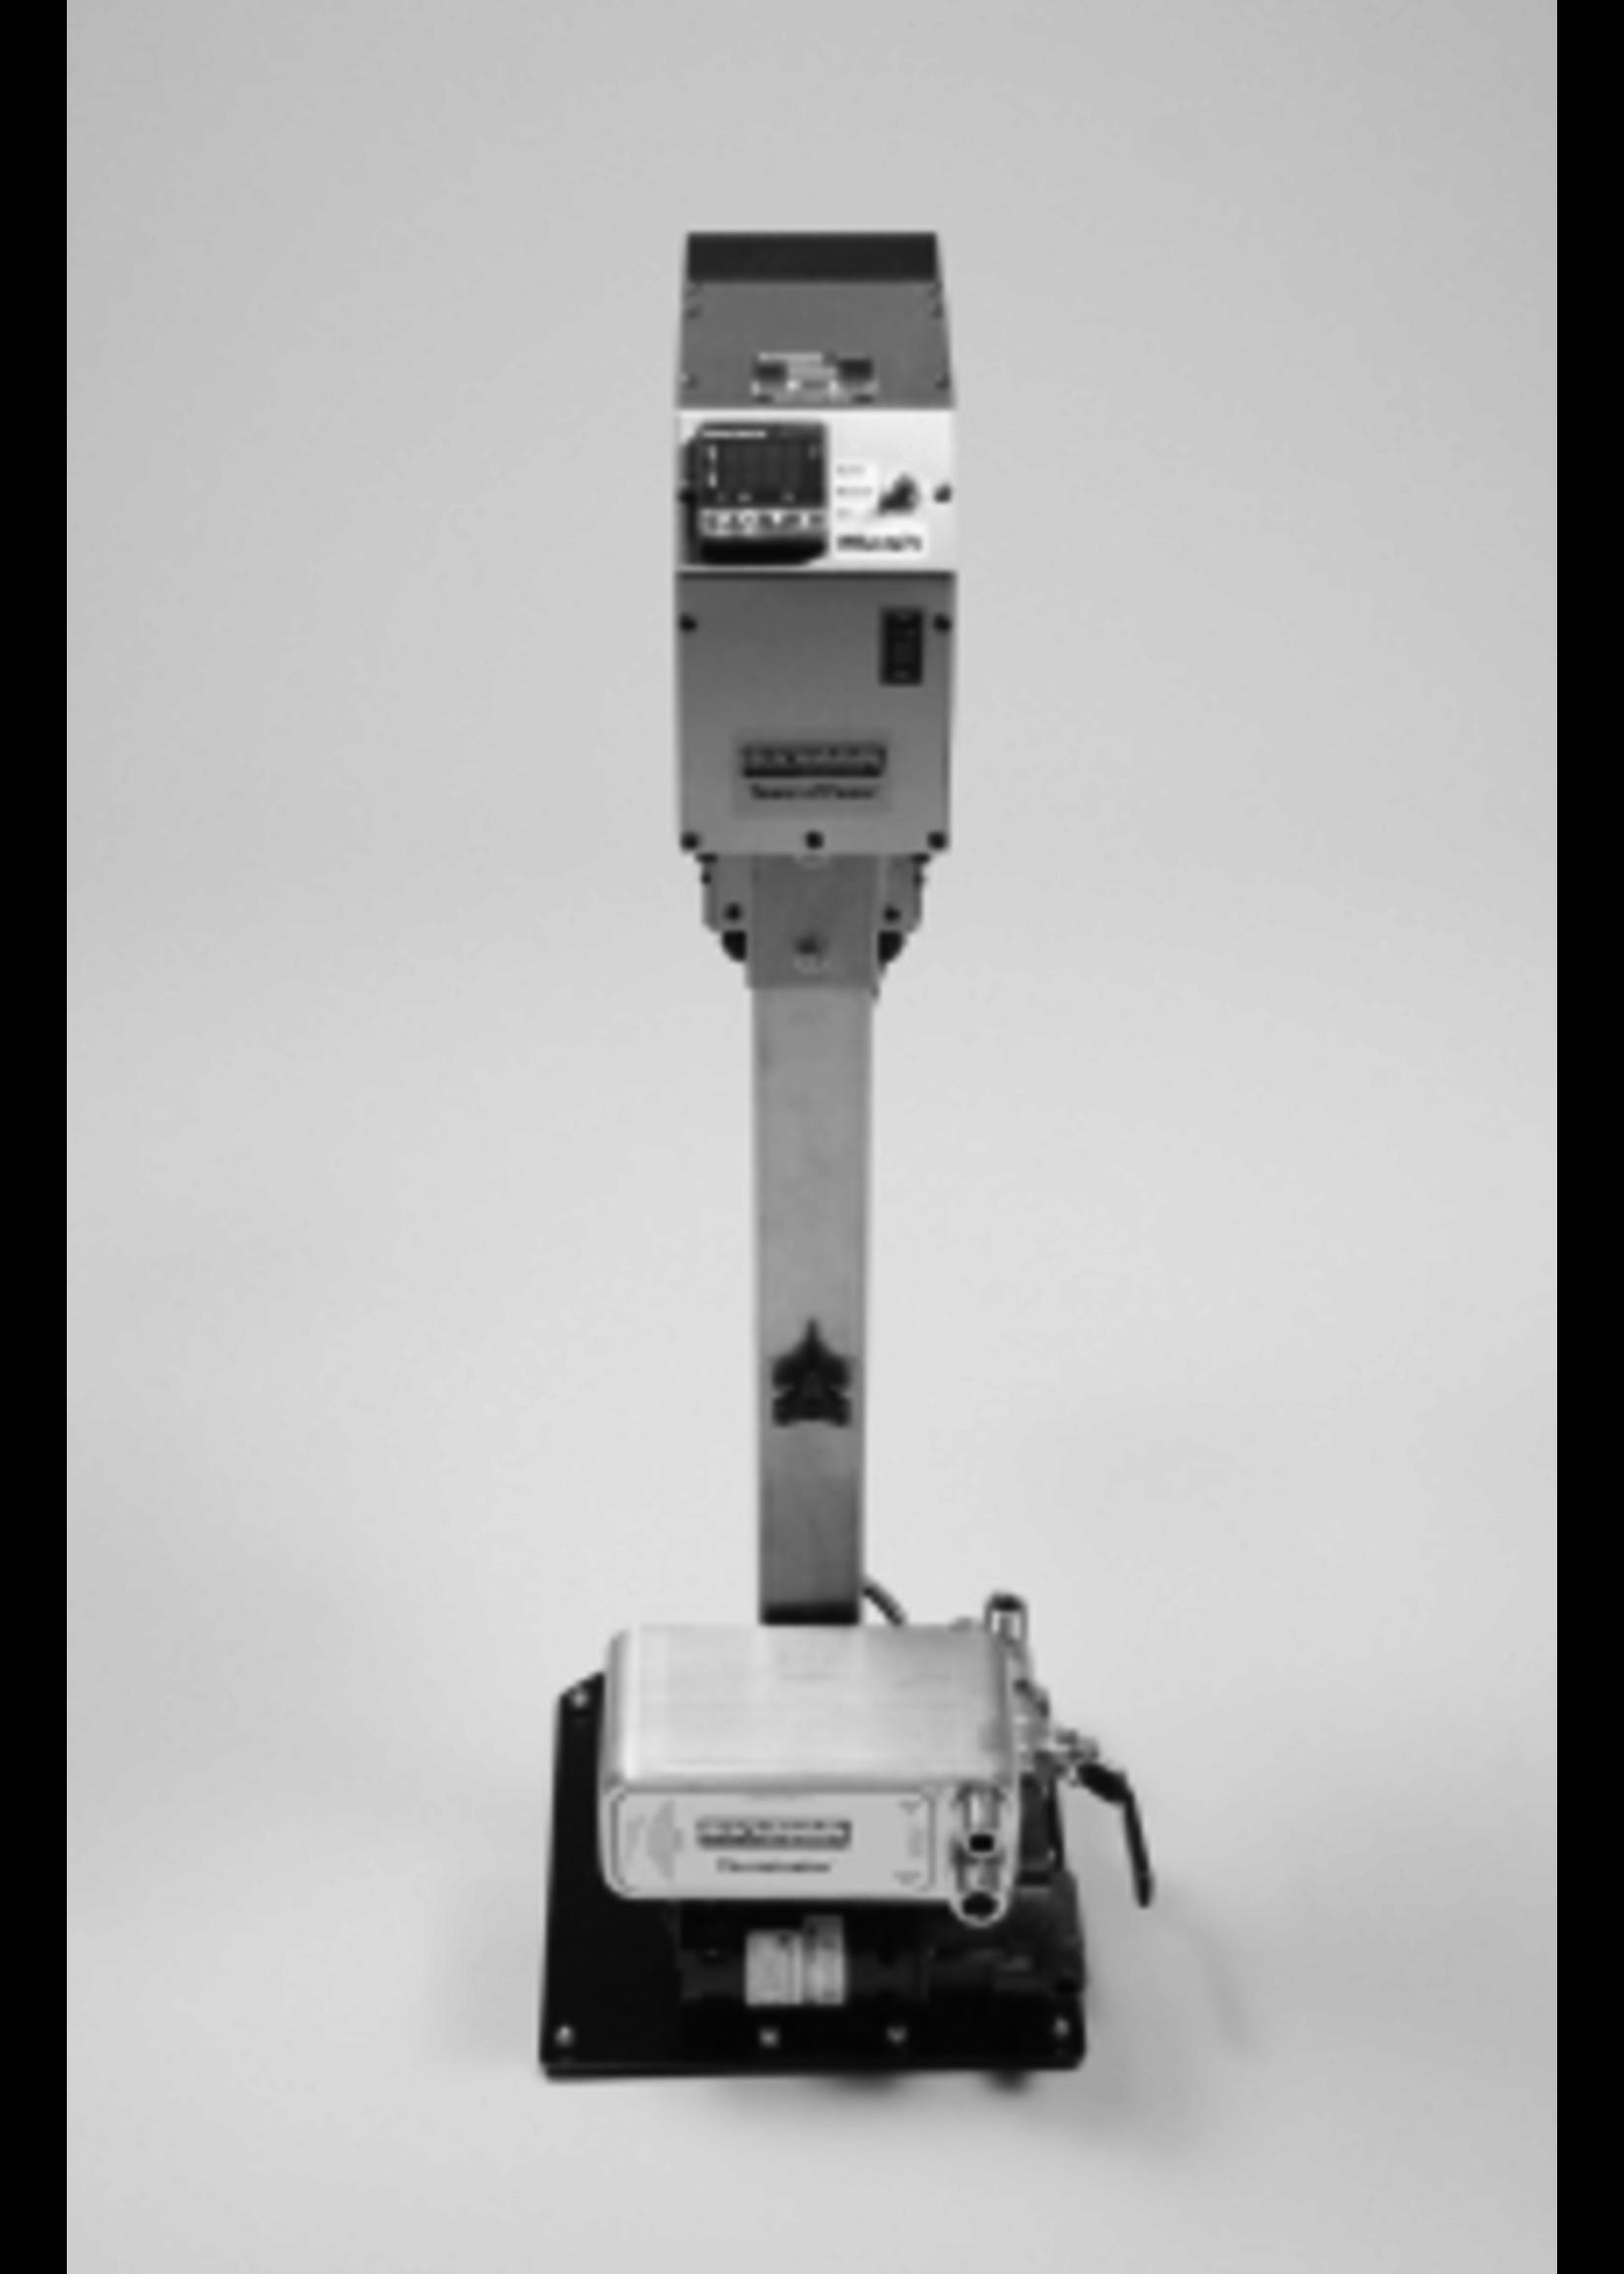 Blichmann Blichmann Tower of Power - Stand, LTE - March 815 HS Pump